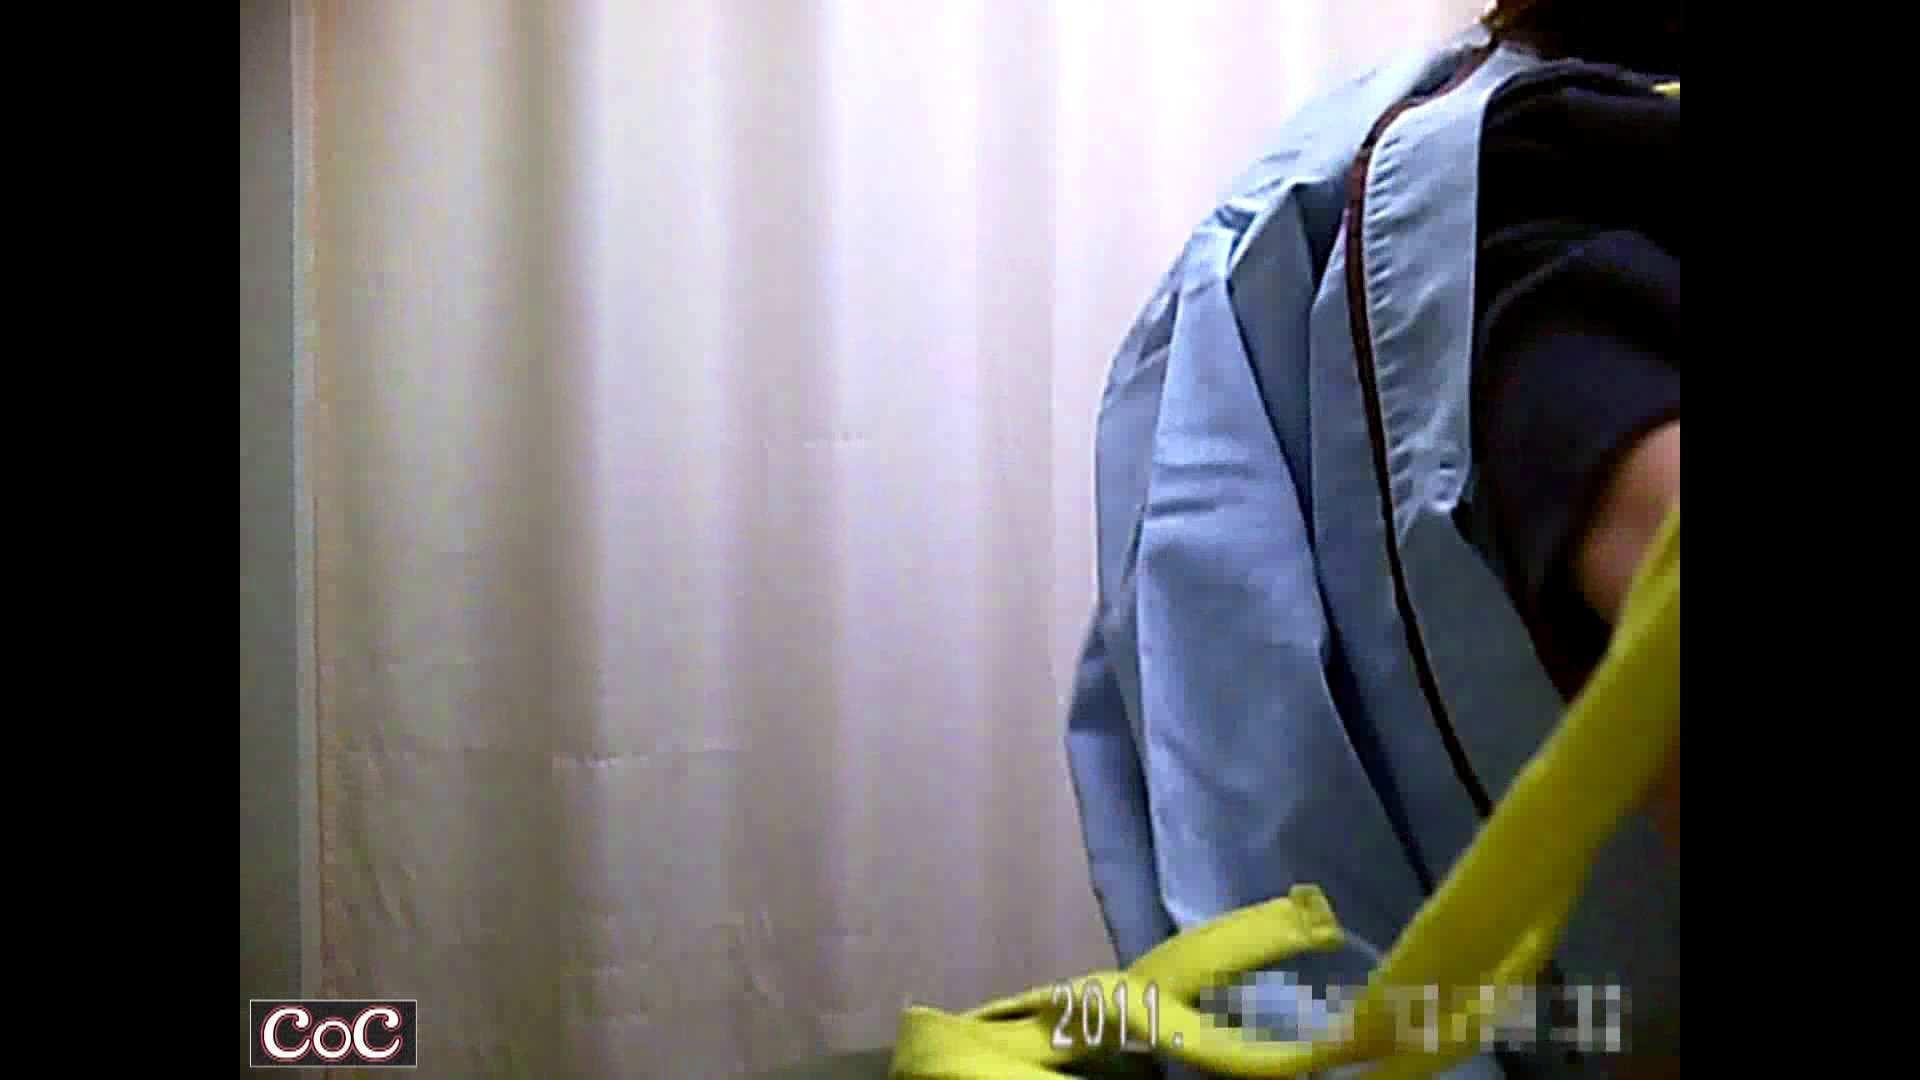 無修正エロ動画:元医者による反抗 更衣室地獄絵巻 vol.209:怪盗ジョーカー